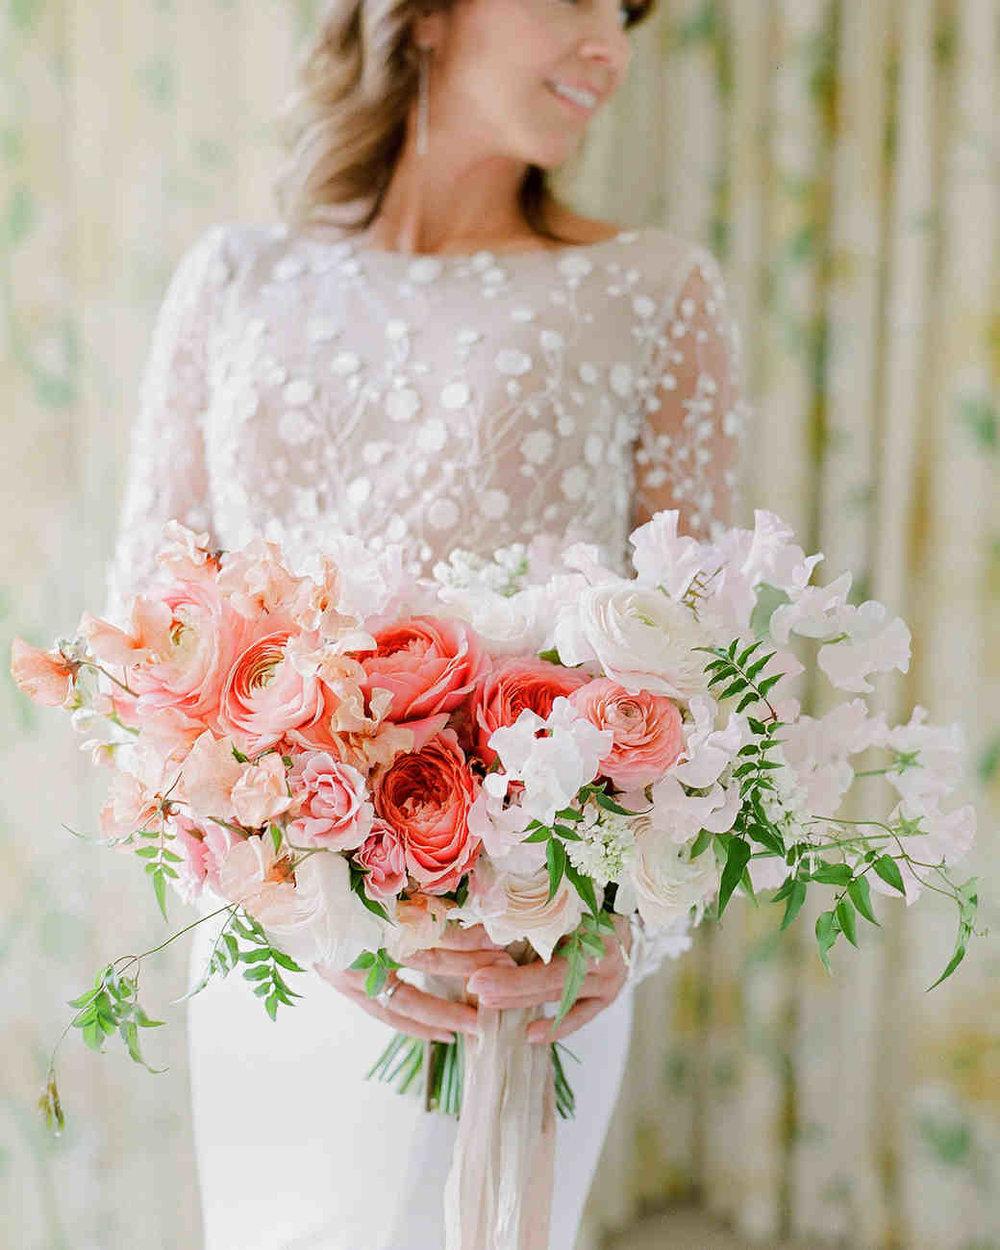 marianne-patrick-wedding-bouquet-0896570007-6452326-0118_vert.jpg